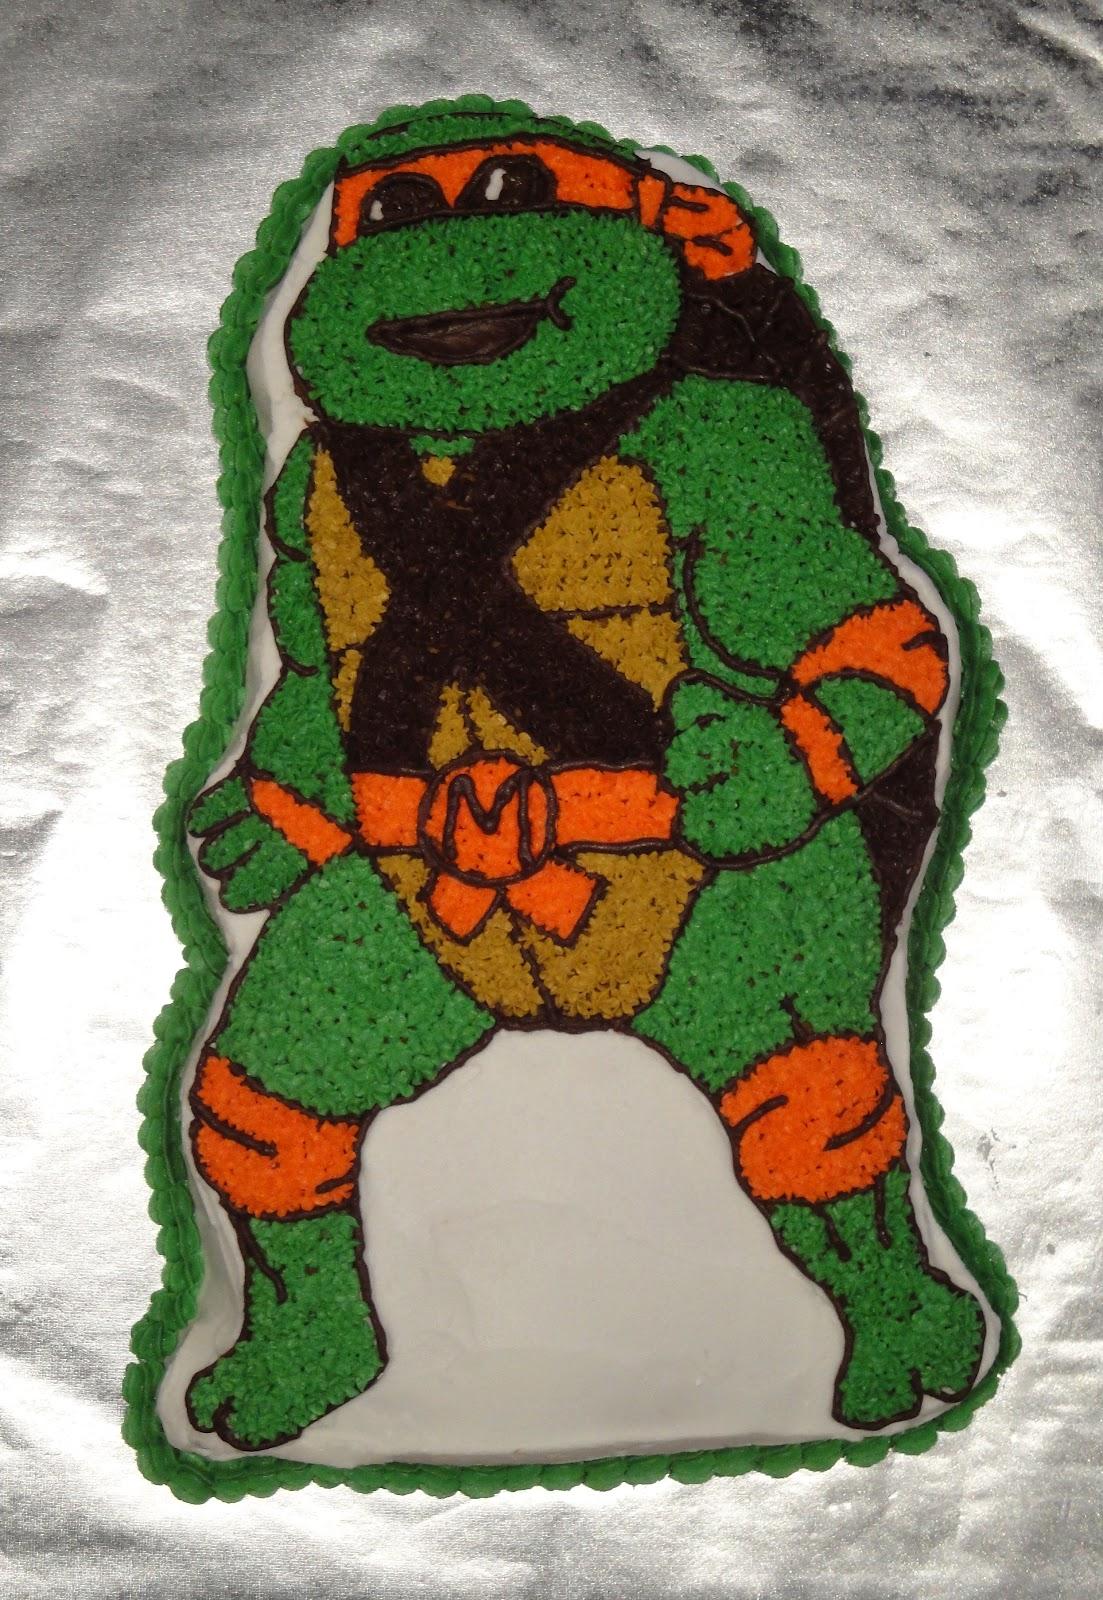 Teenage Mutant Ninja Turtle Birthday Cake Pan